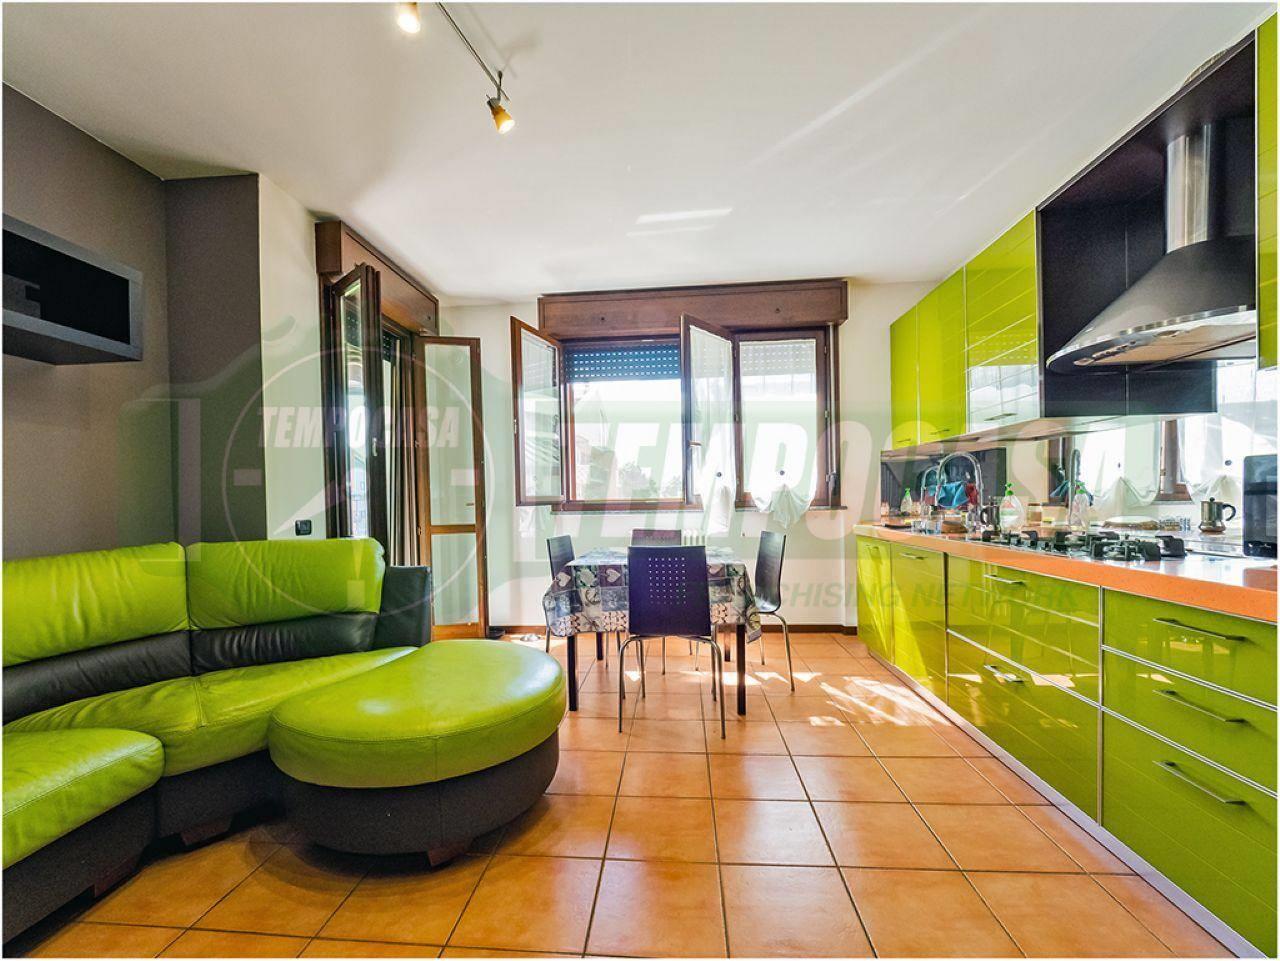 Foto 8 - Appartamento in Vendita - Cesano Maderno (Monza e Brianza)